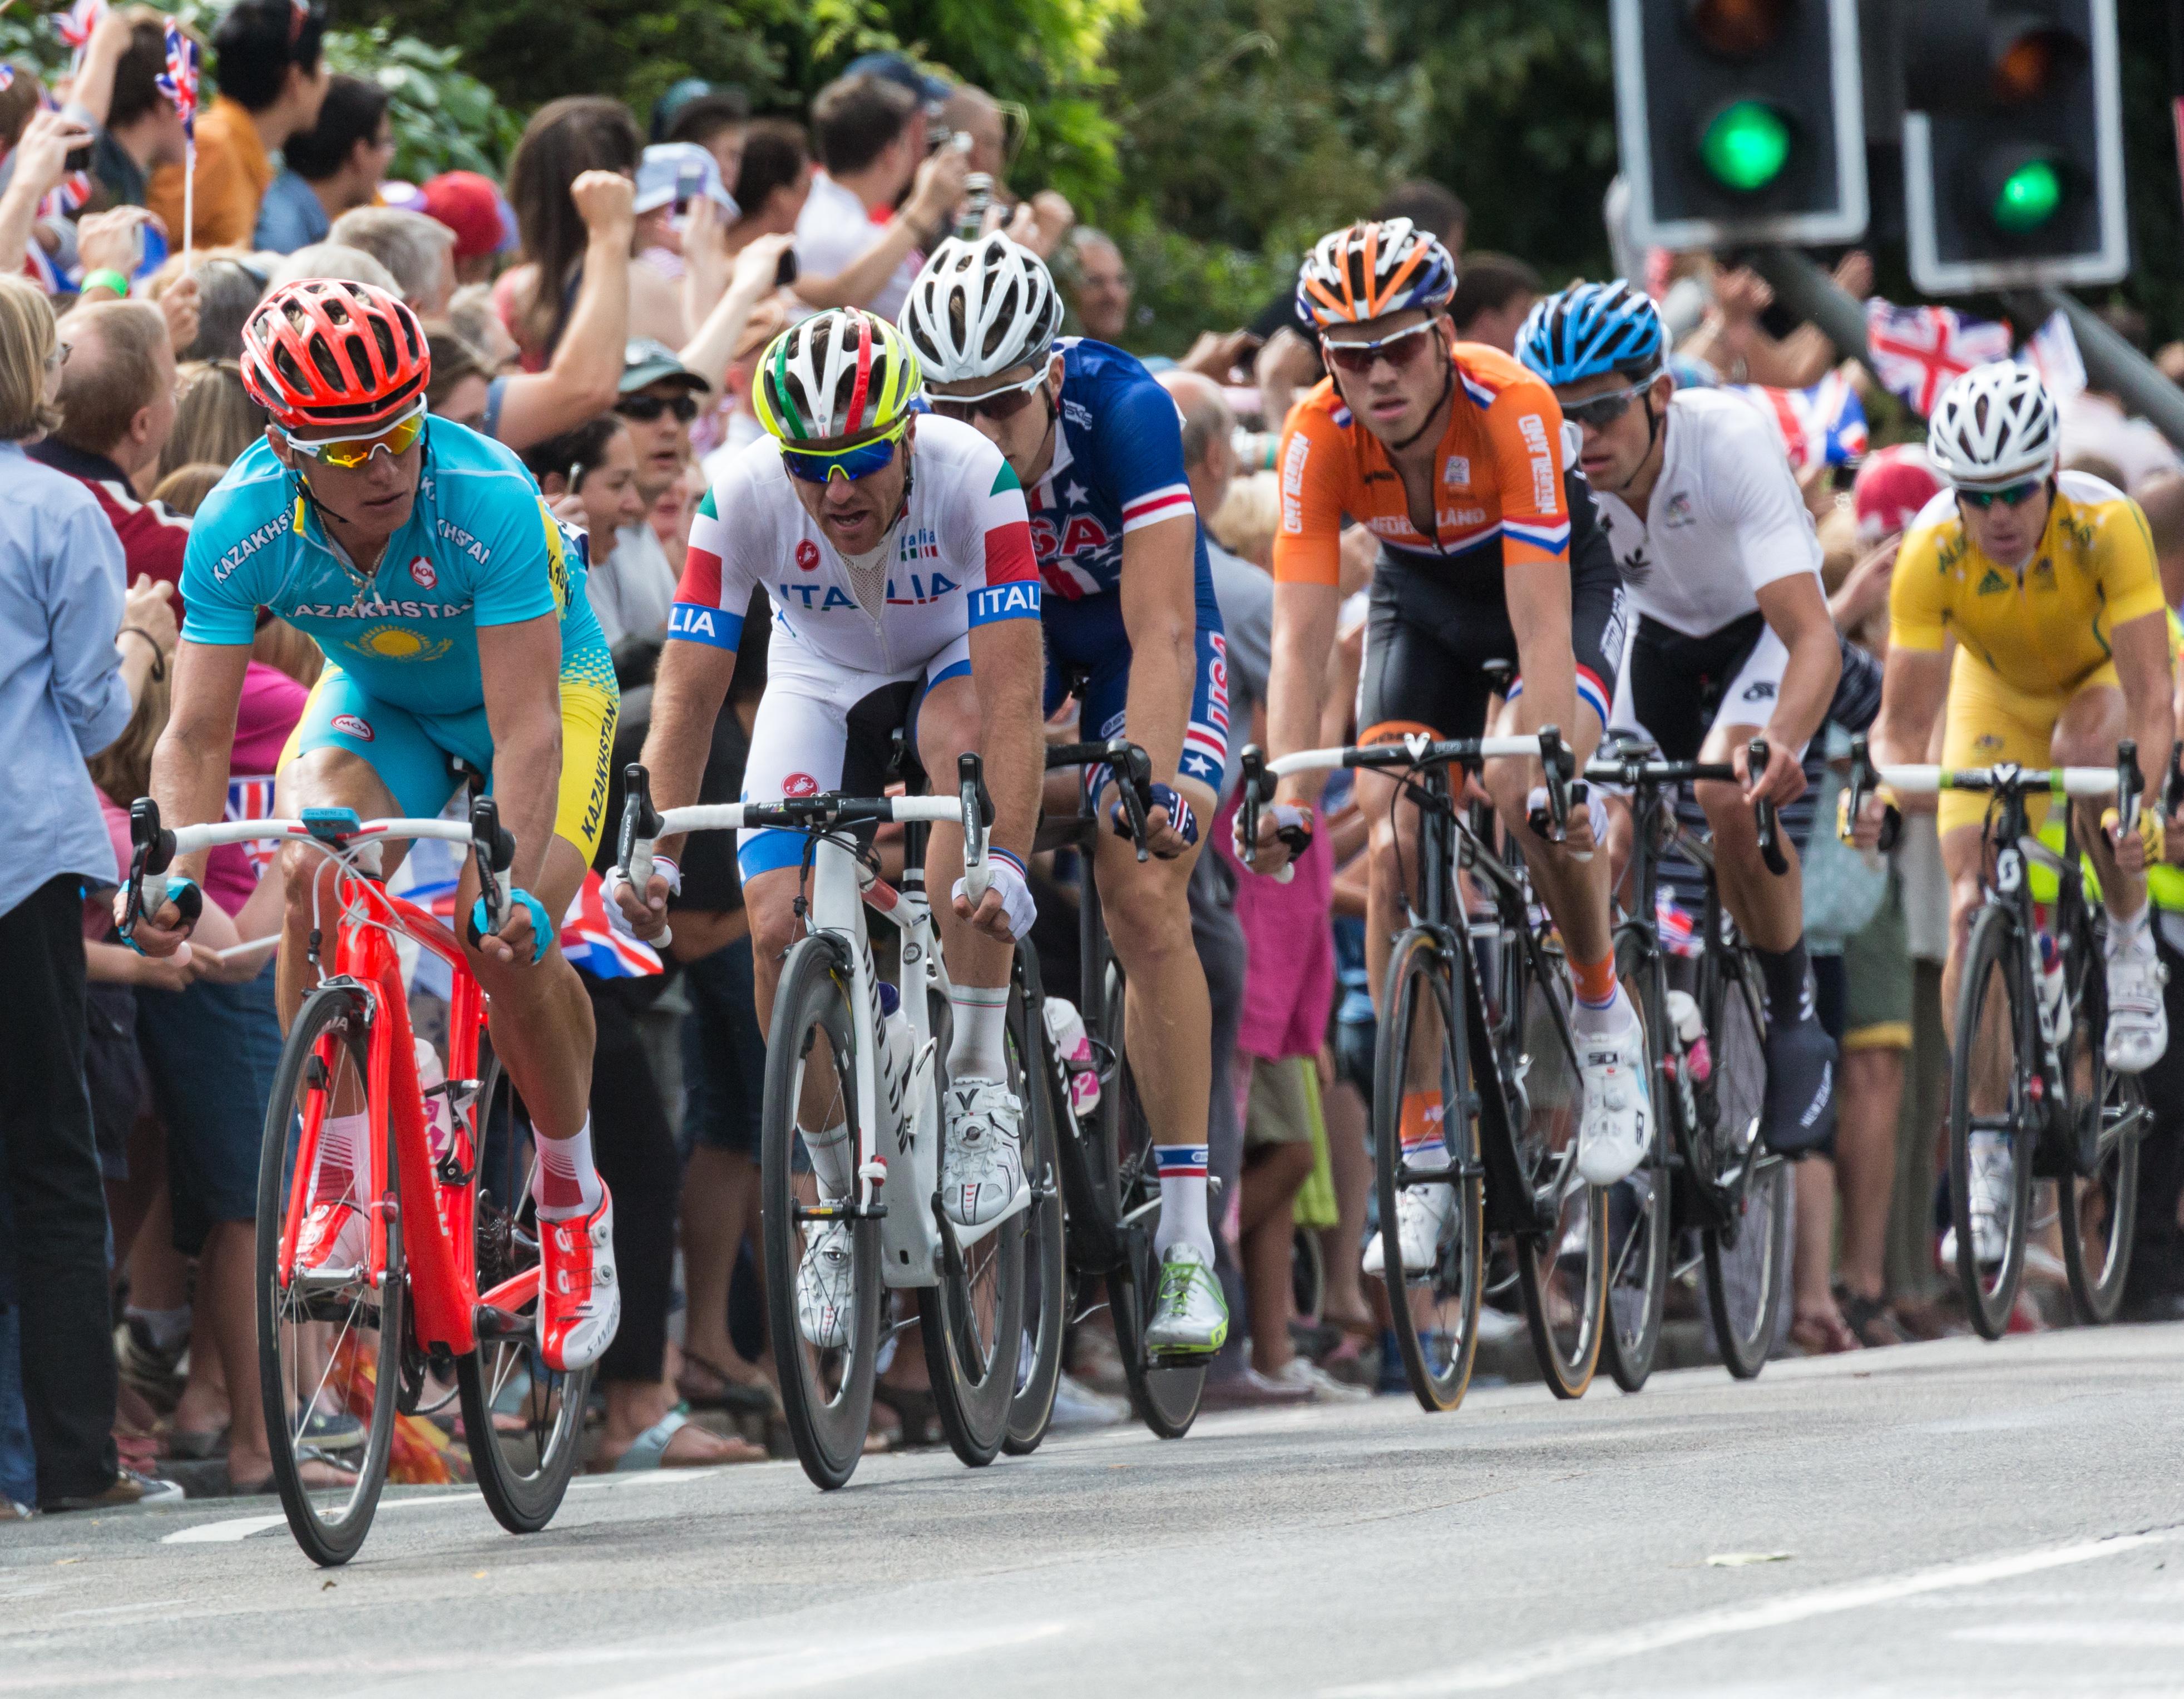 CyclingClothing148500f8b33803f7896341d657afe5921.jpg